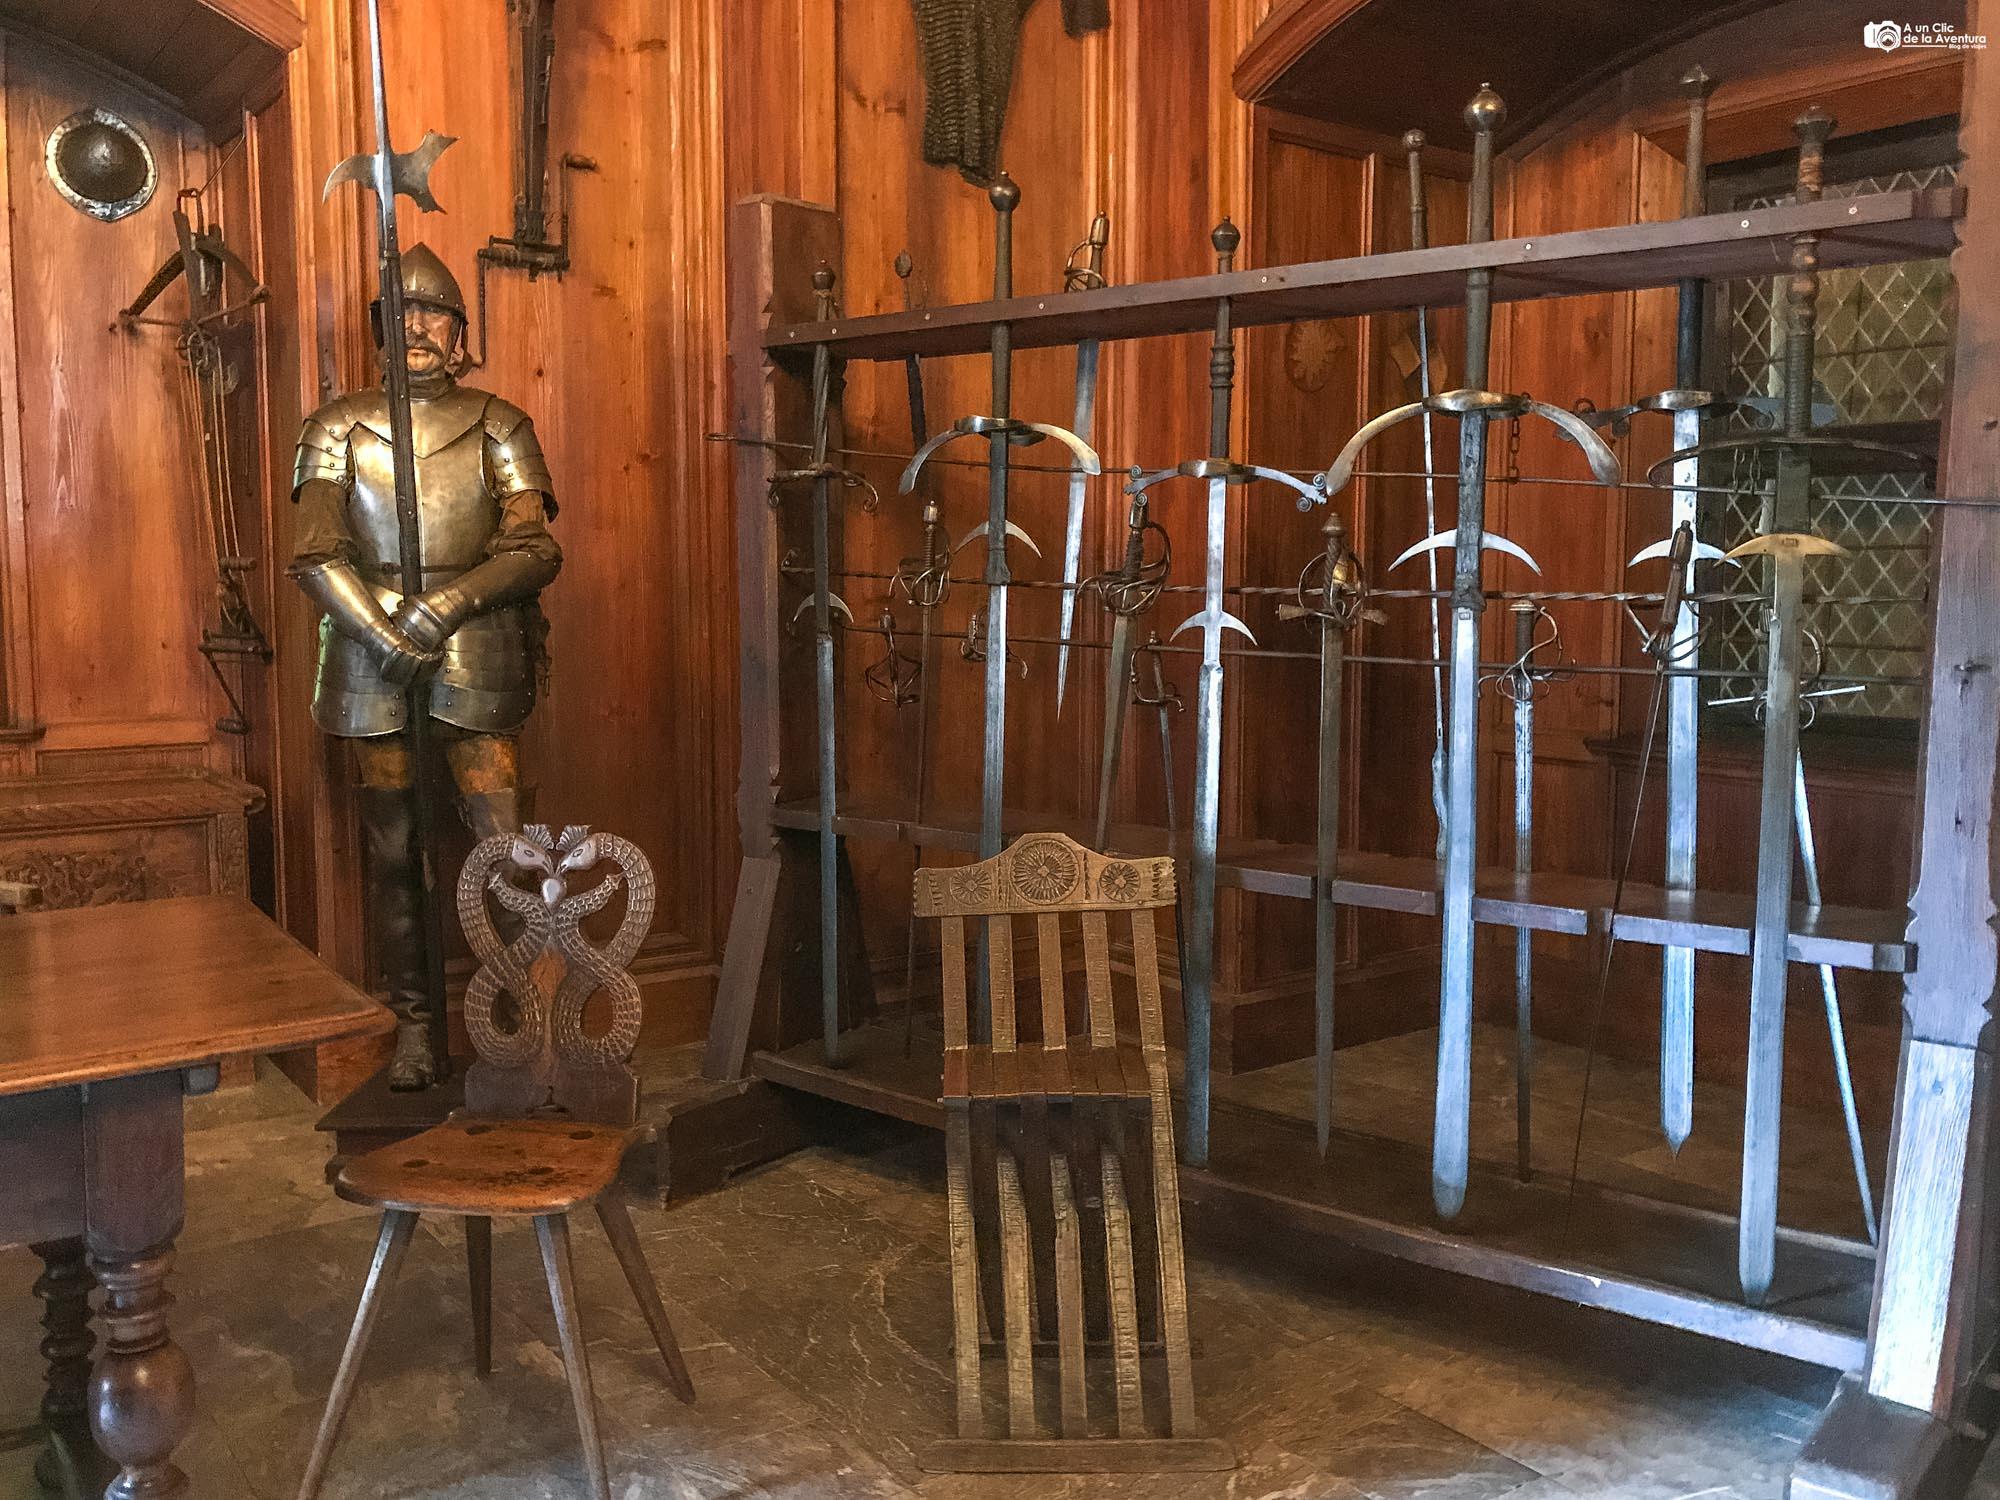 Sala de armas del Castillo de Haut-Koenigsbourg